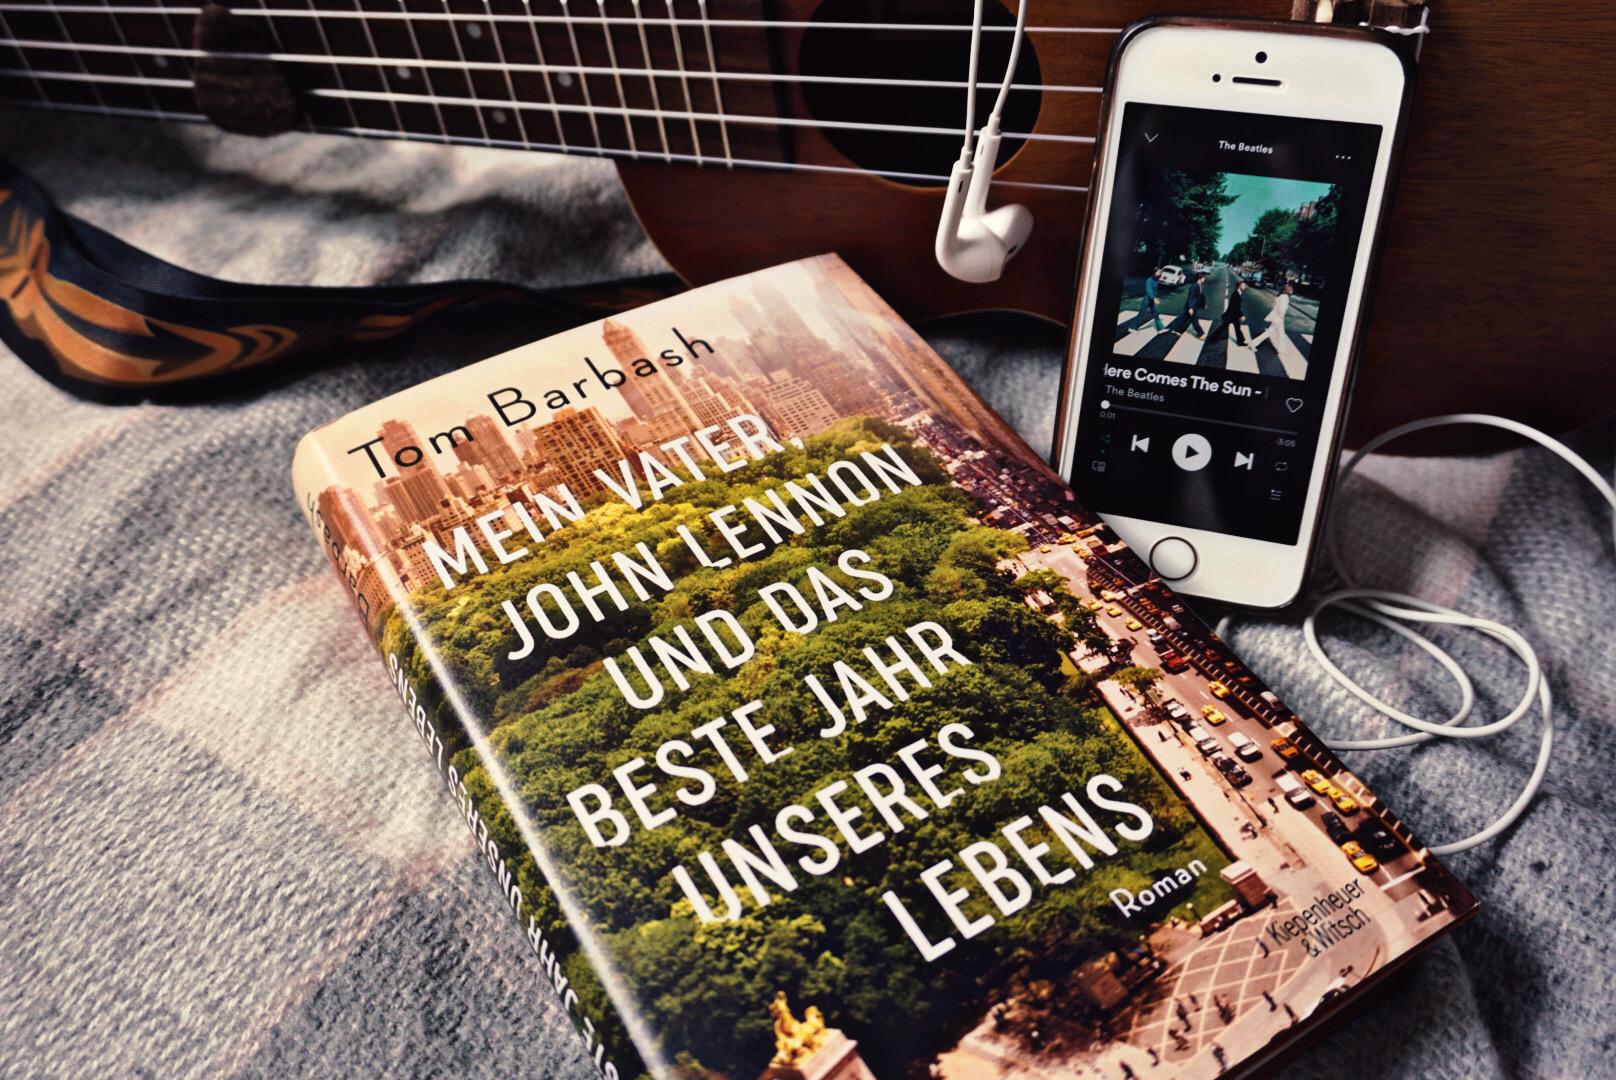 Mein Vater, John Lennon und das beste Jahr unseres Lebens – Tom Barbash